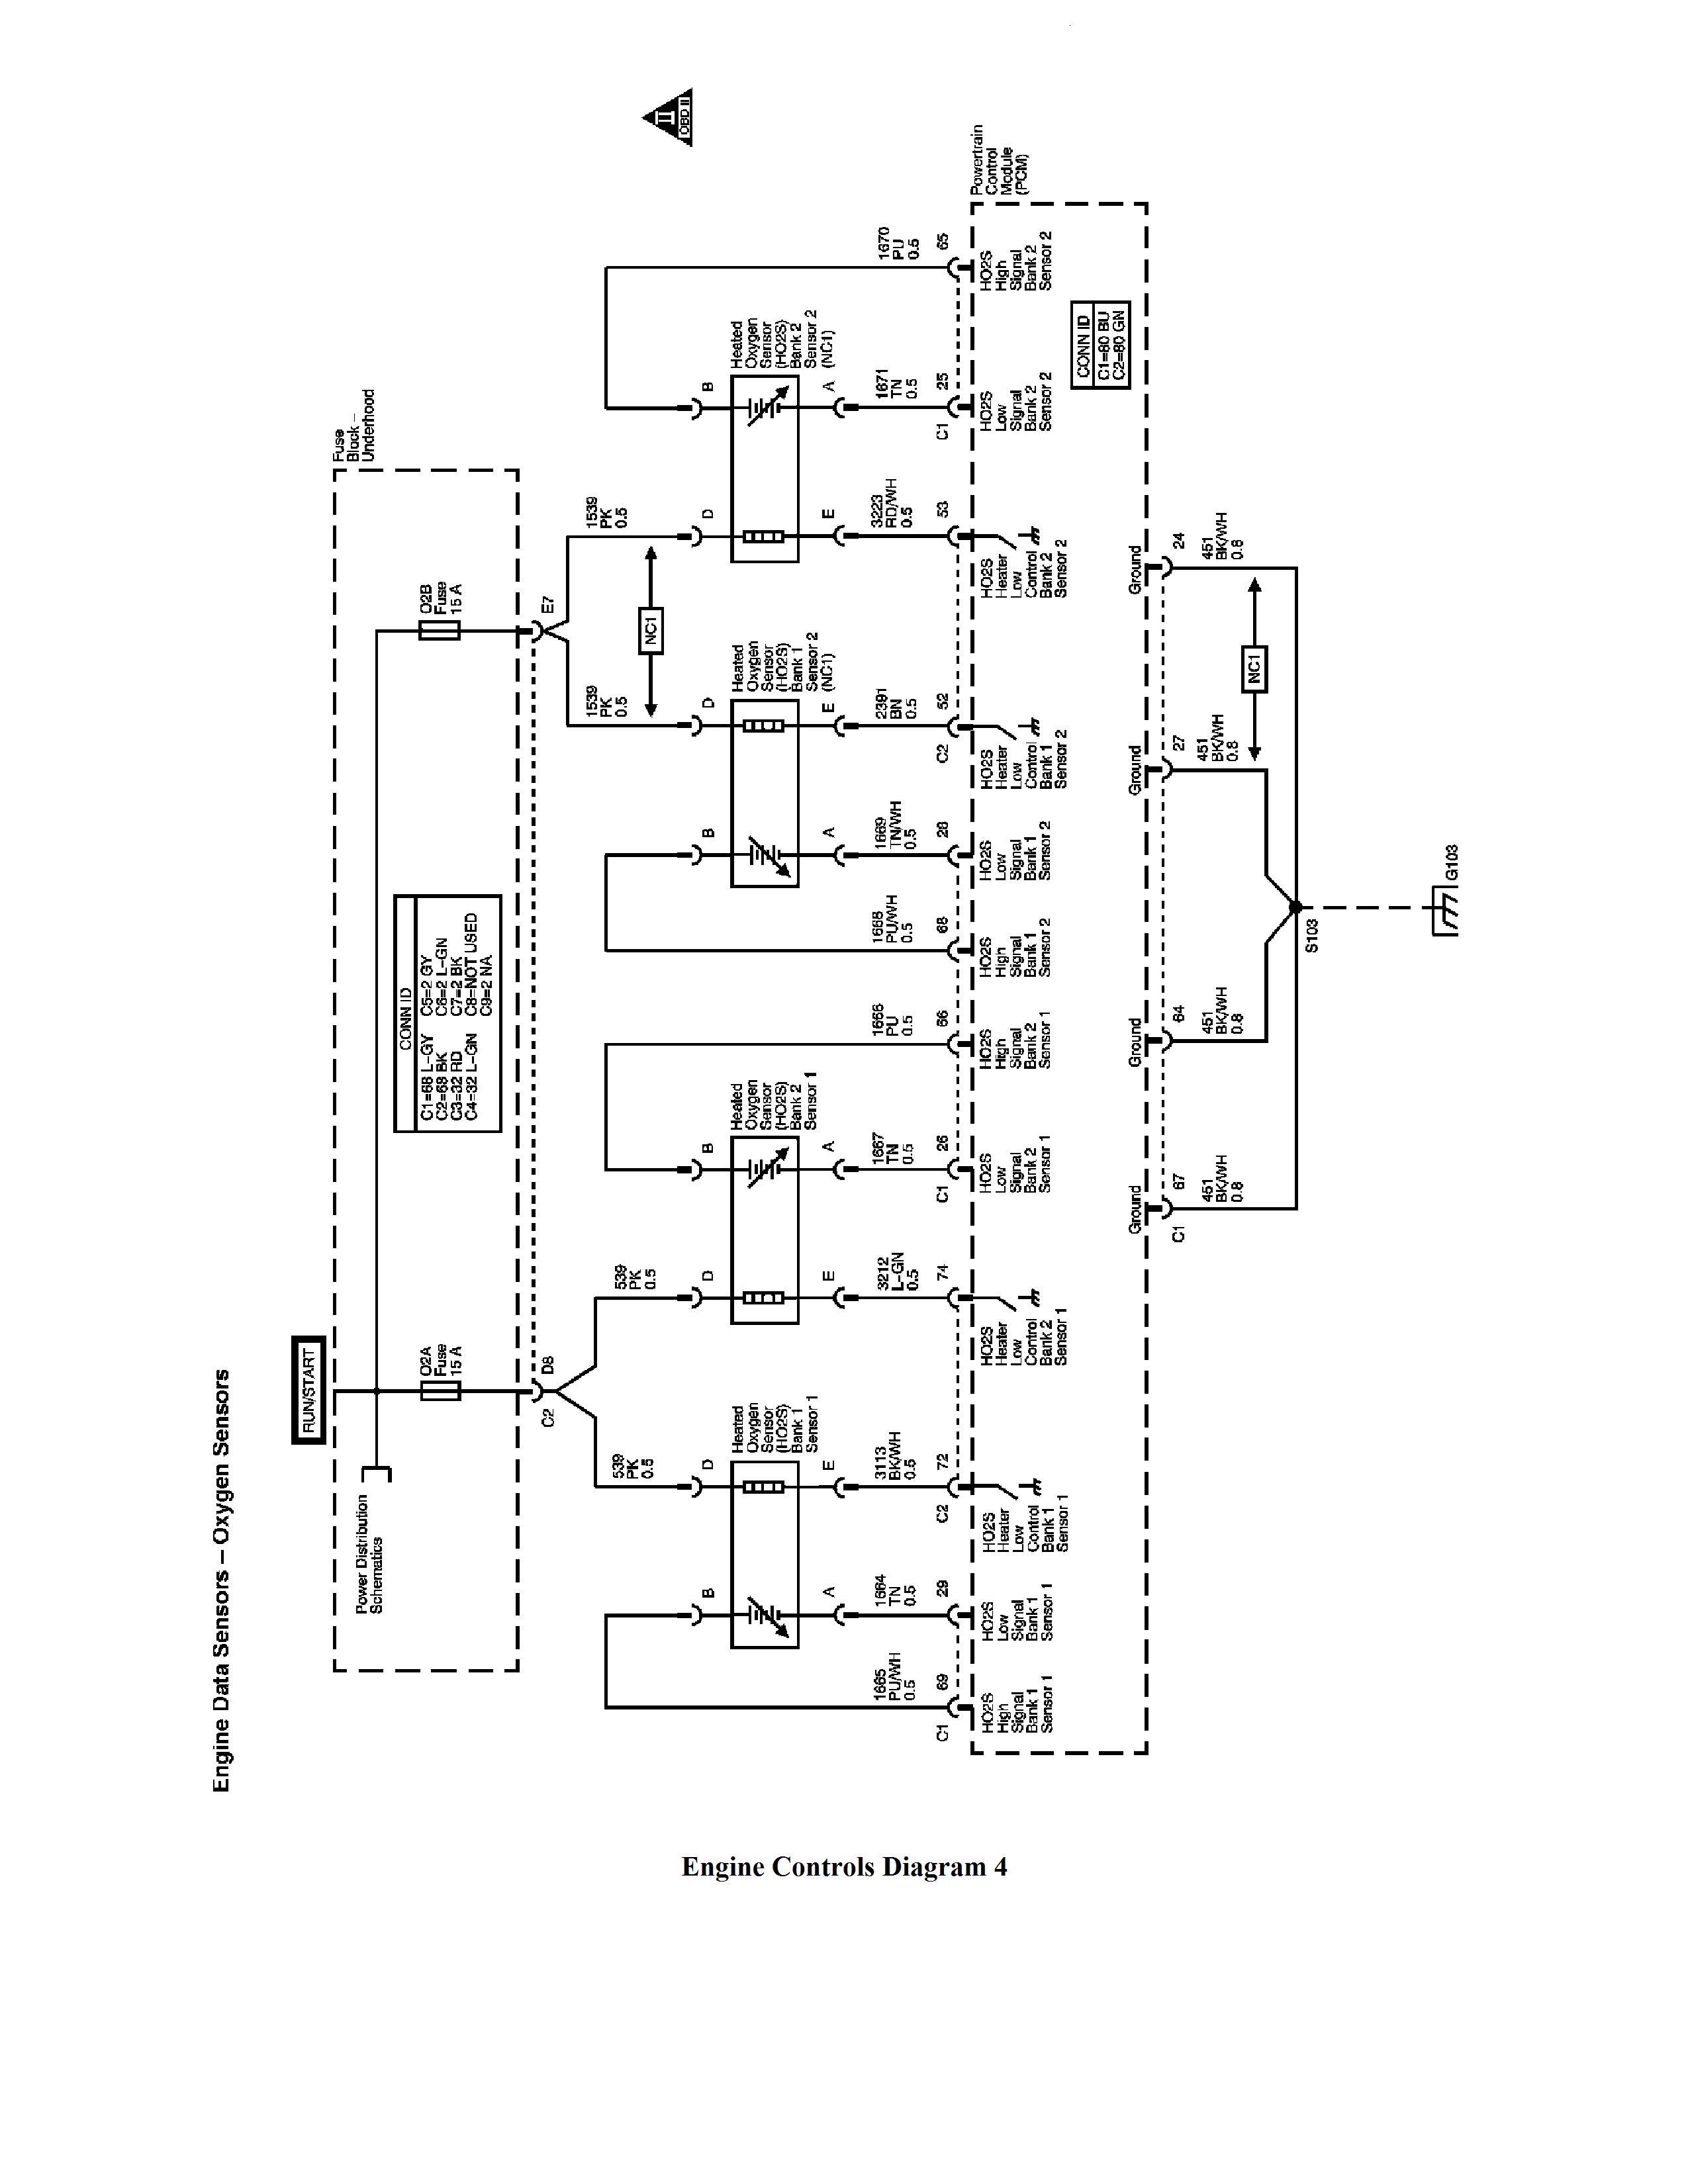 I Have A 2005 Silverado 2500hd W  8 1l Big Block Gas Engine  U0026 6 Speed Manual Transmission  I Am